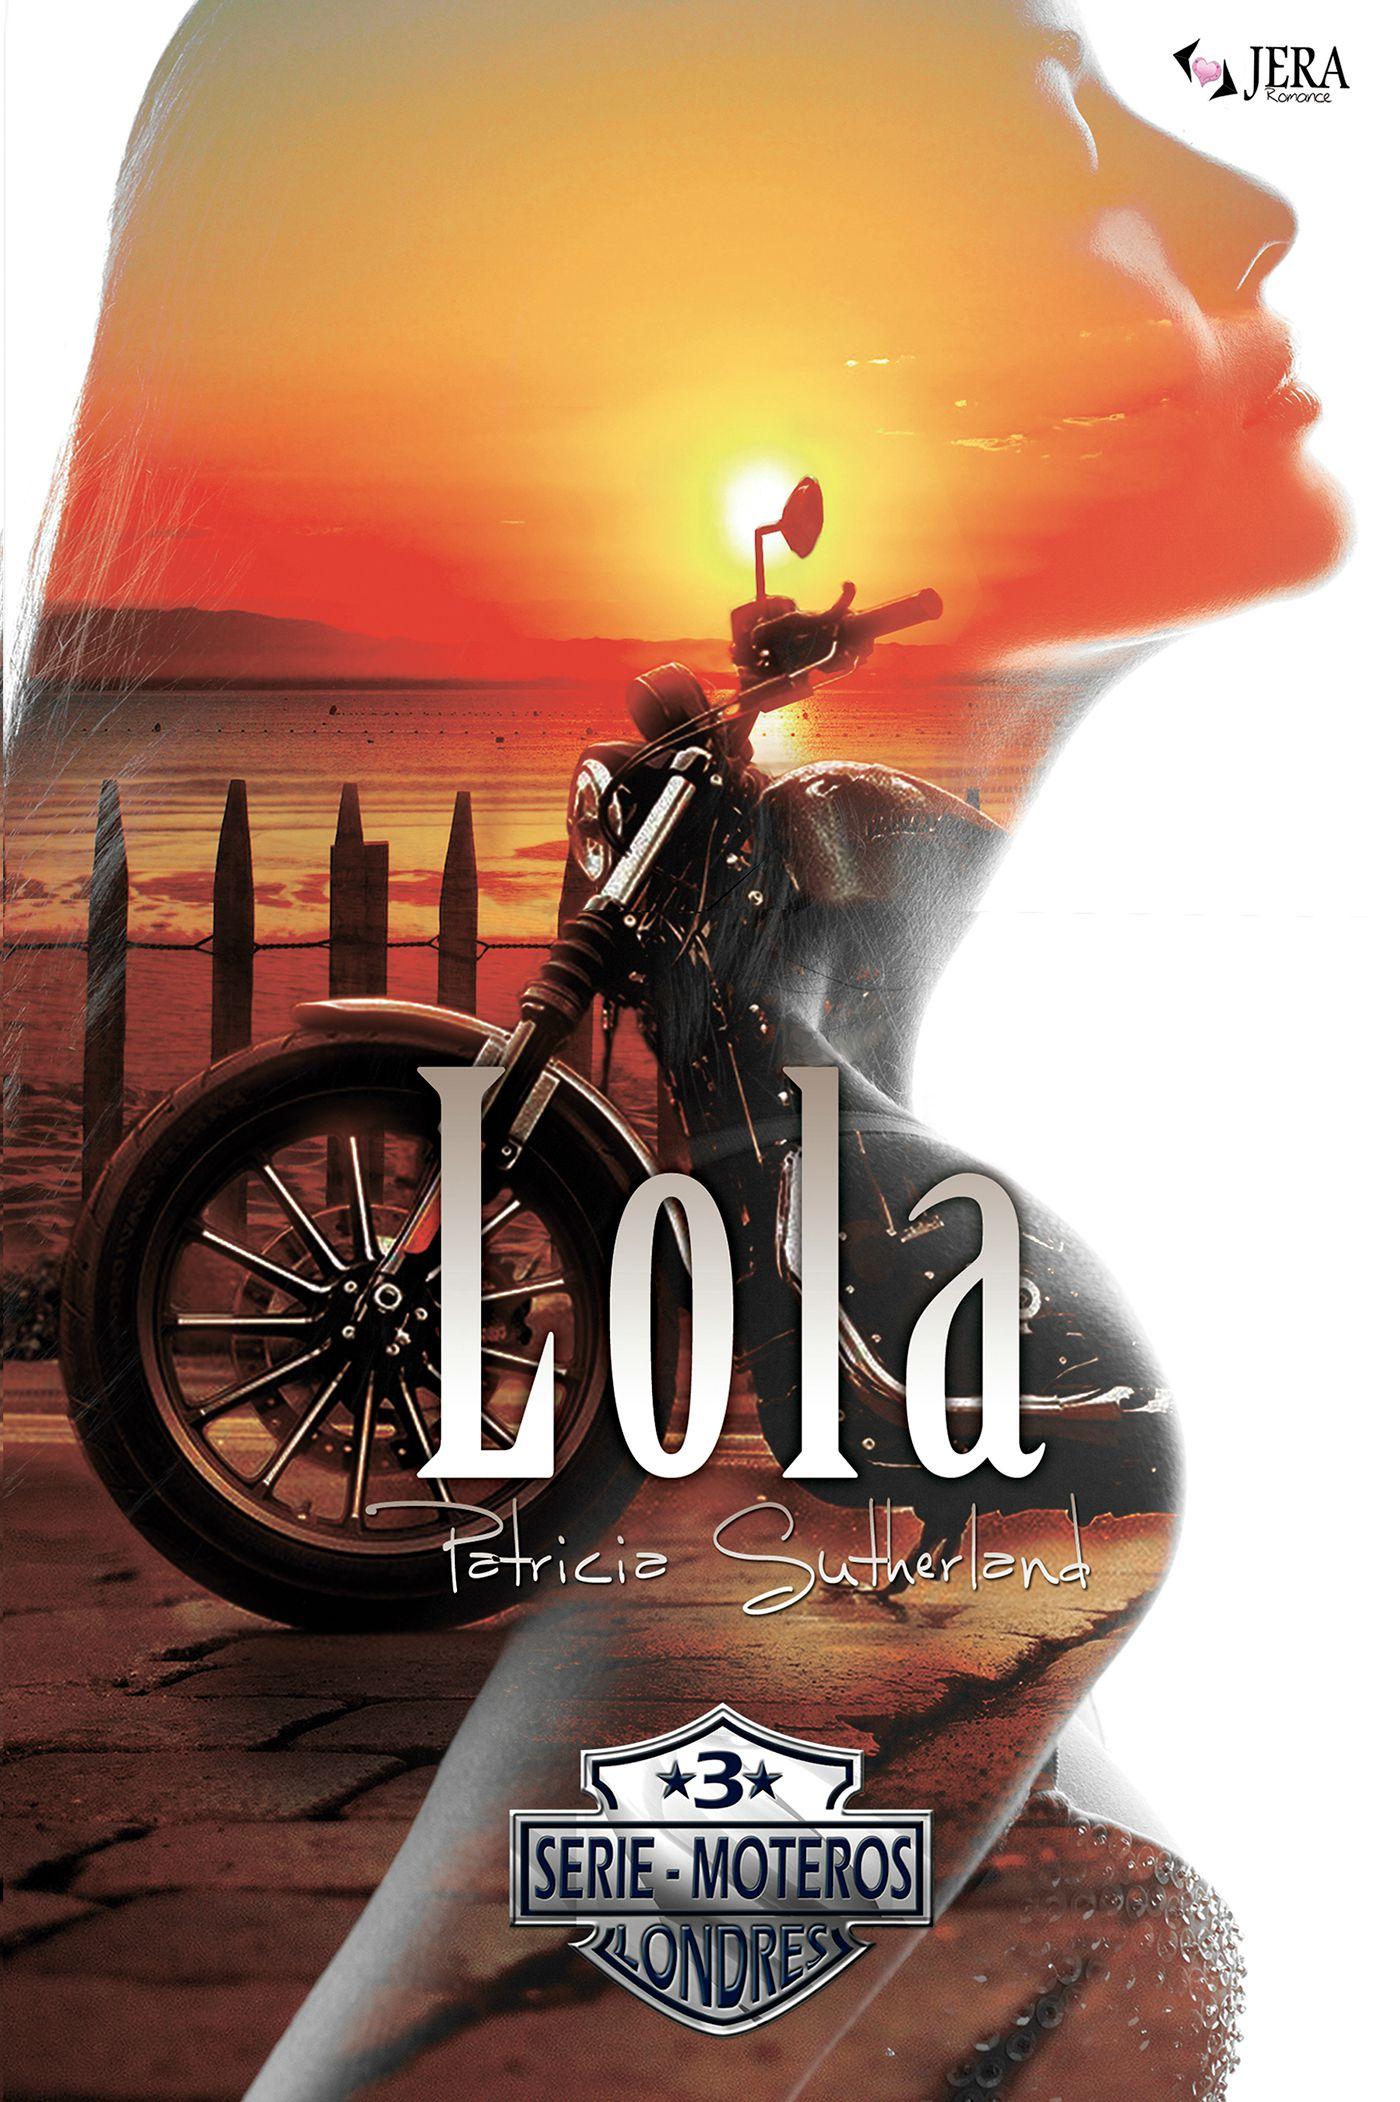 portada del libro Lola de Patricia Sutherland